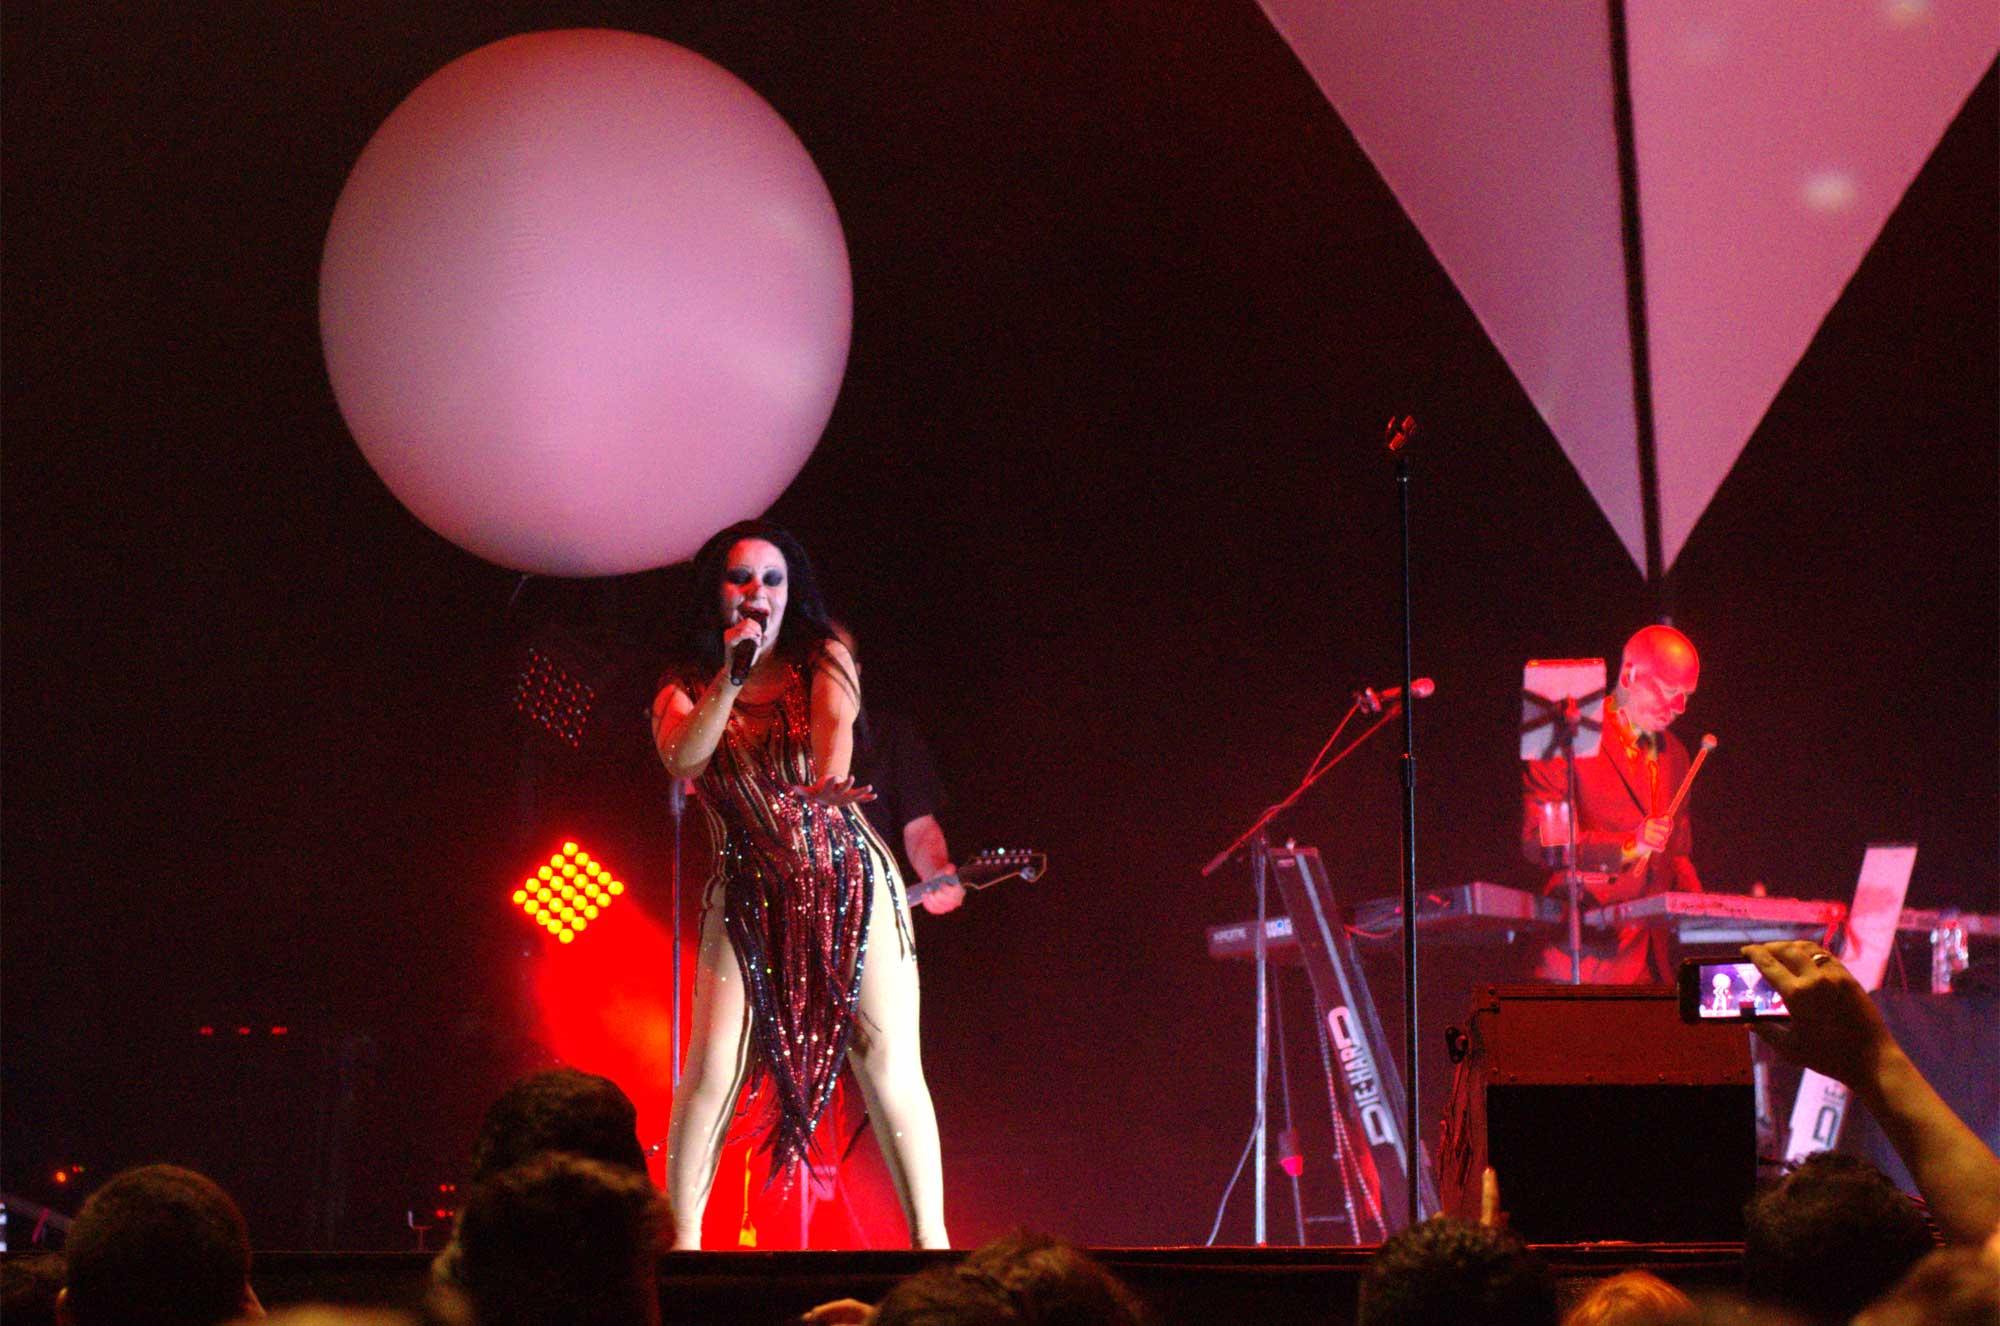 Fotografías del concierto de Fangoria en la Fiesta Mayor de Sant Boi de Llobregat